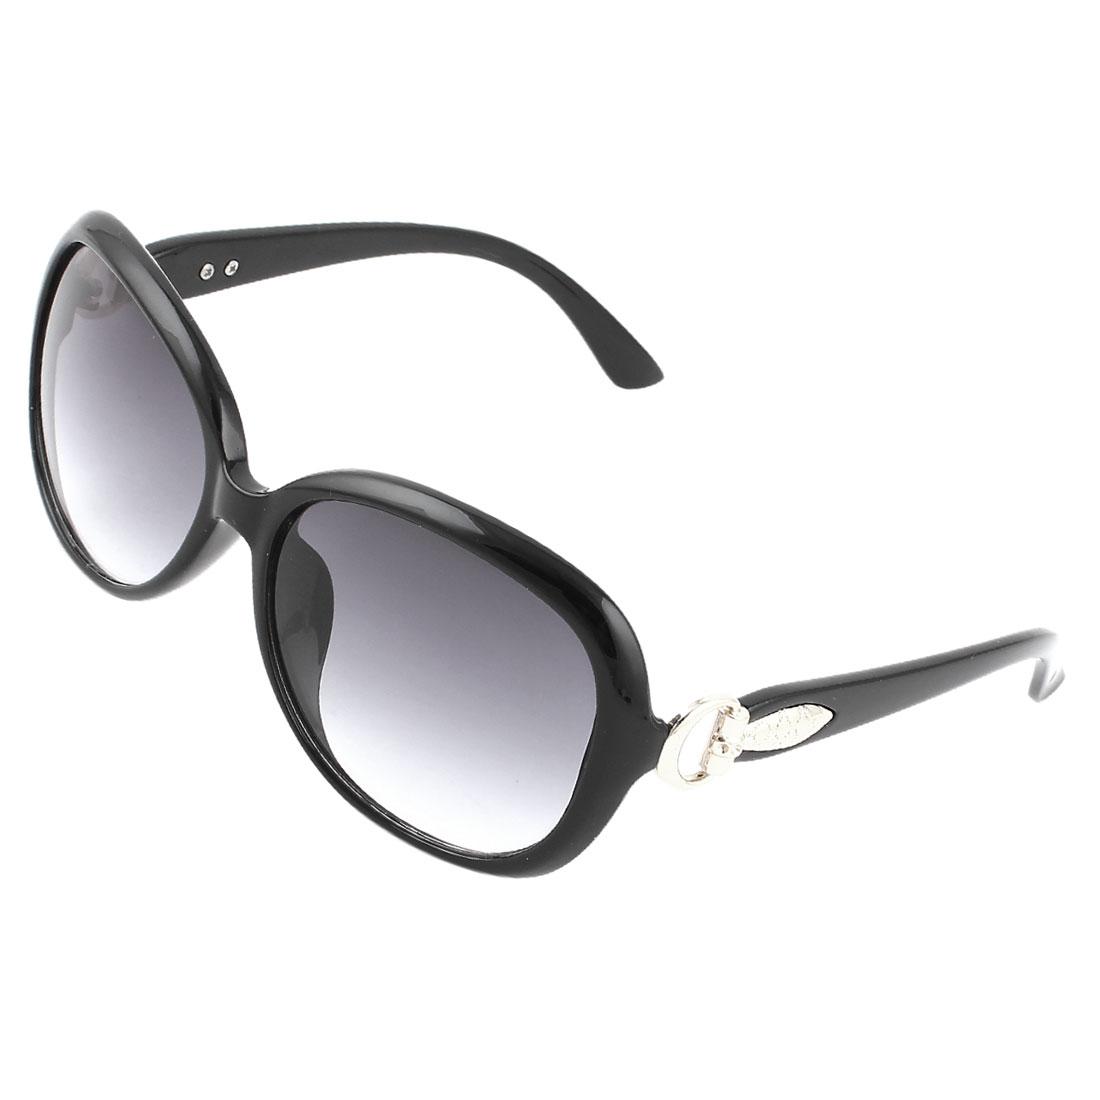 Women Outdoors Hiking Black Plastic Full Rim Frame Sunglasses Glasses